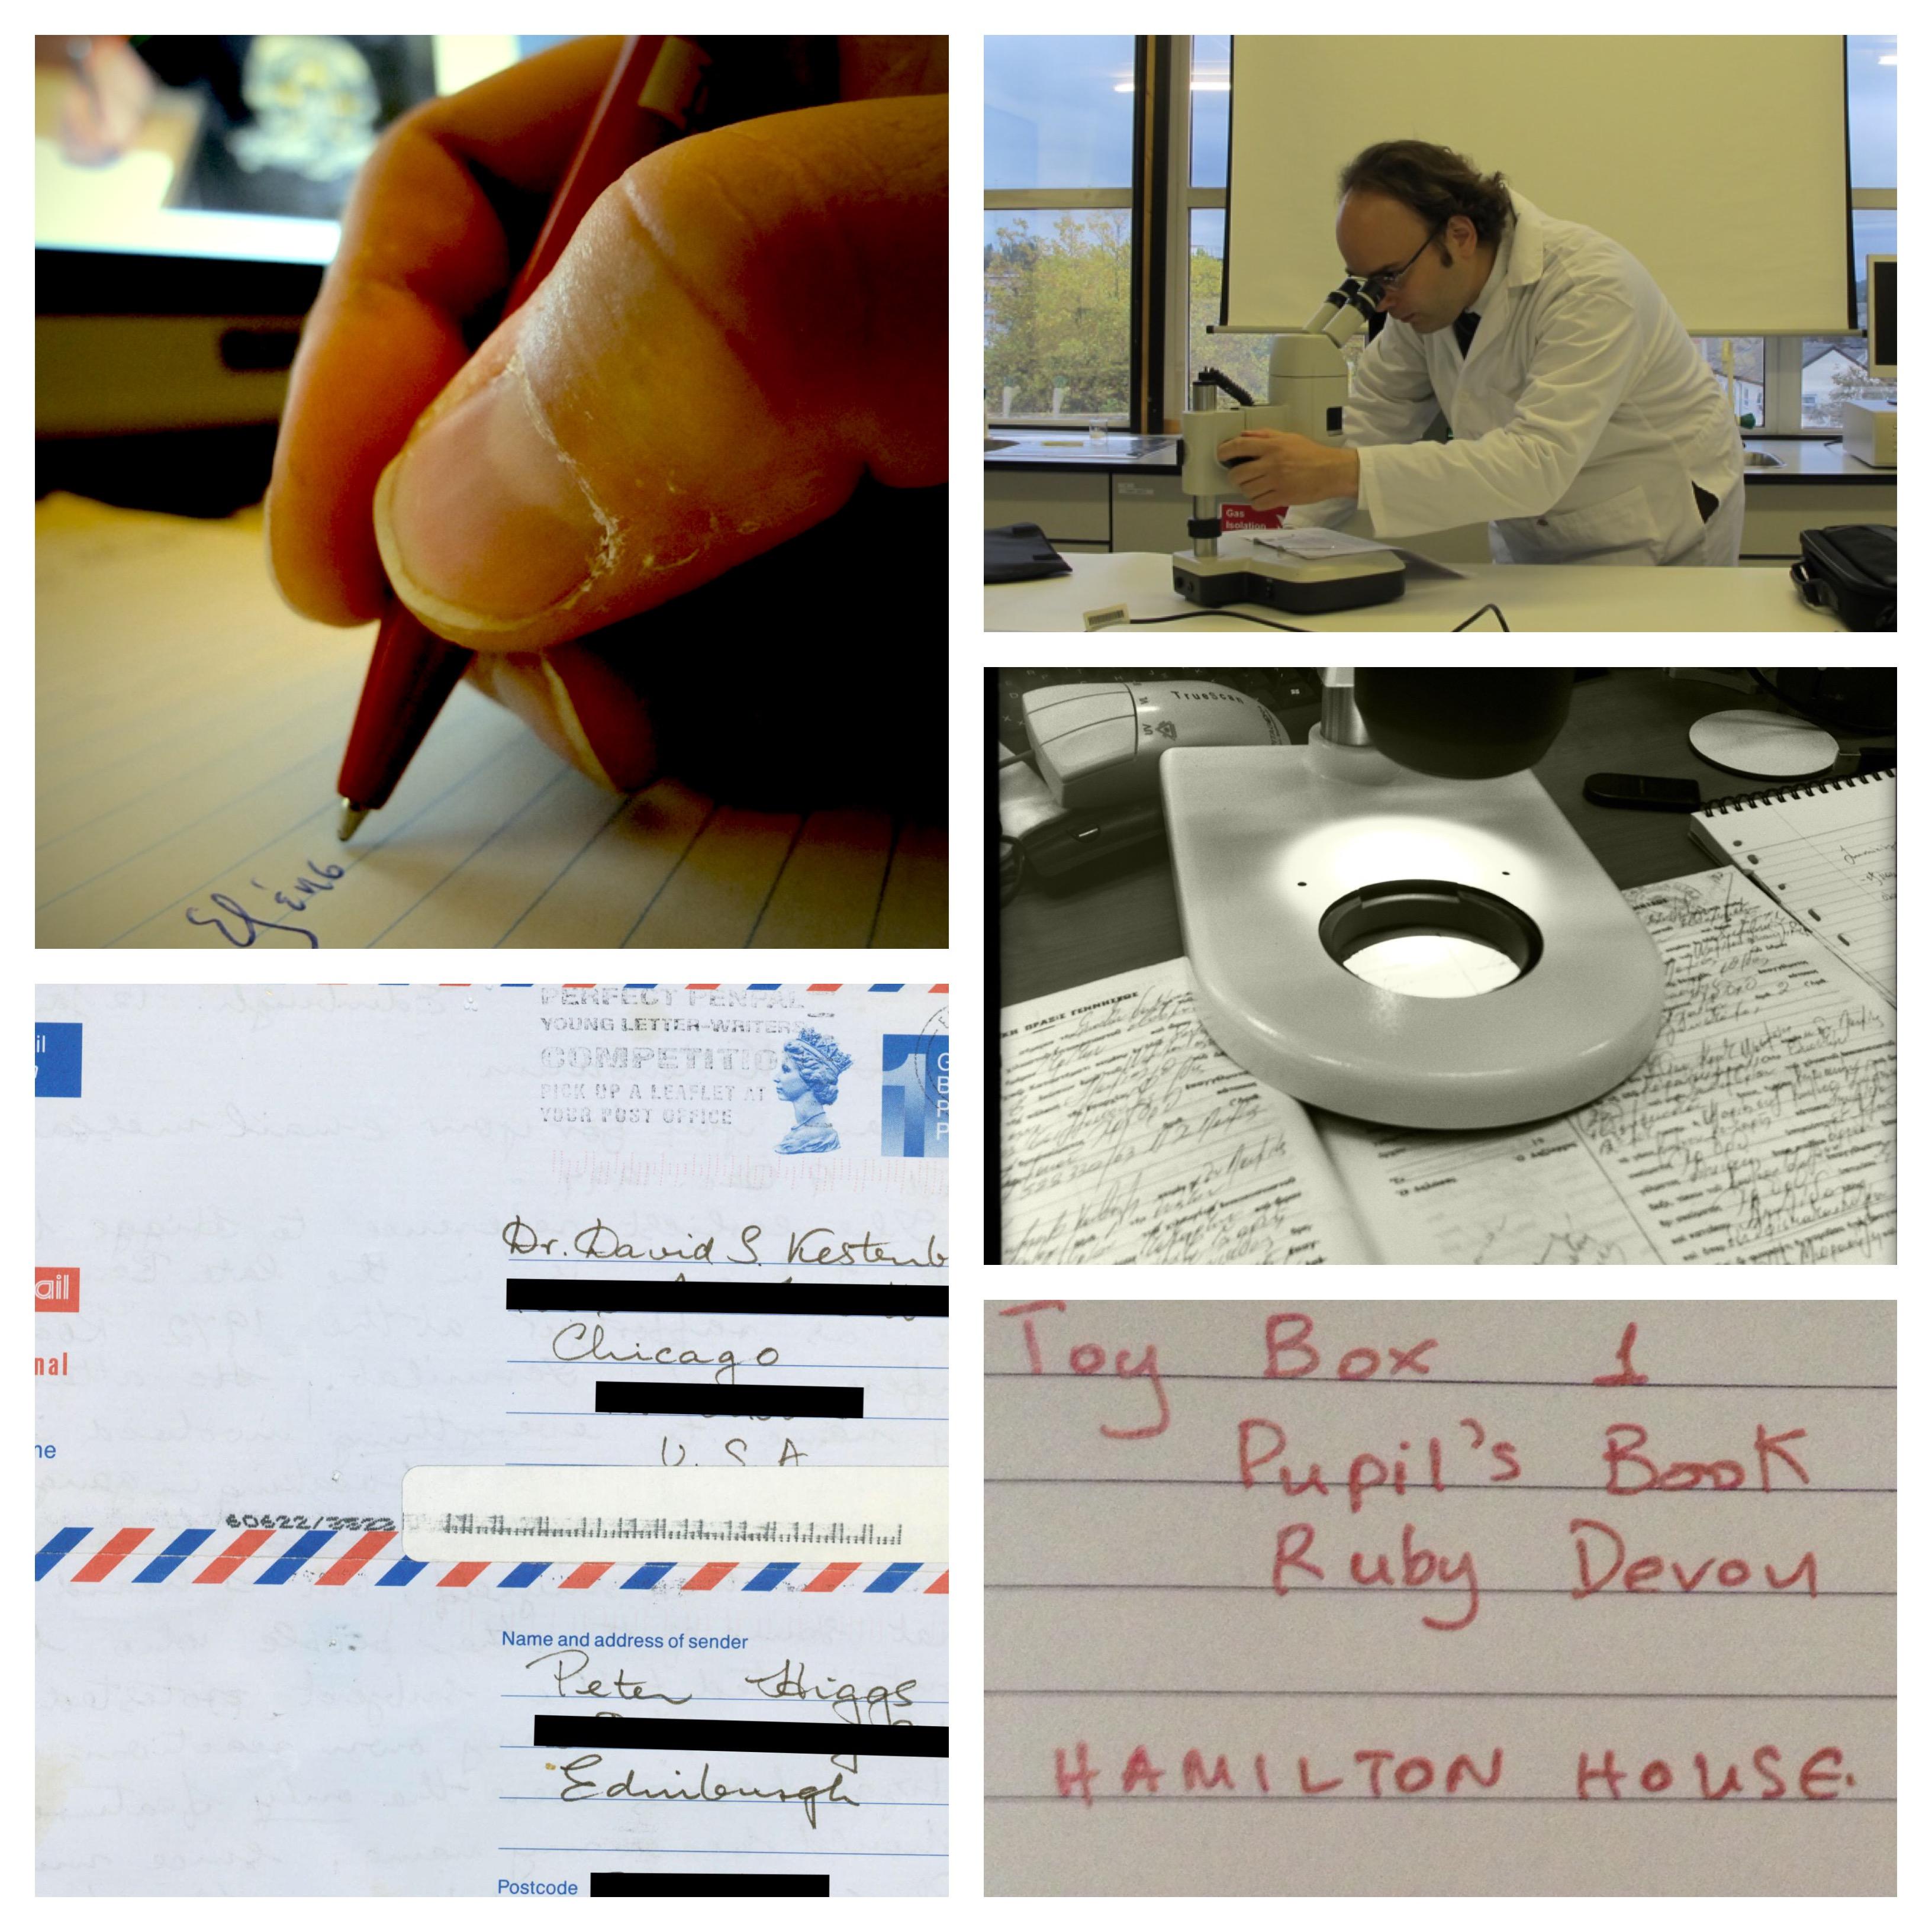 Νεο σεμινάριο Δικαστικής Γραφολογίας: Η χρήση του στερεοσκοπικού μικροσκοπίου στη Δικαστική Εξέταση Εγγράφων : Refresher Course(GRR01)